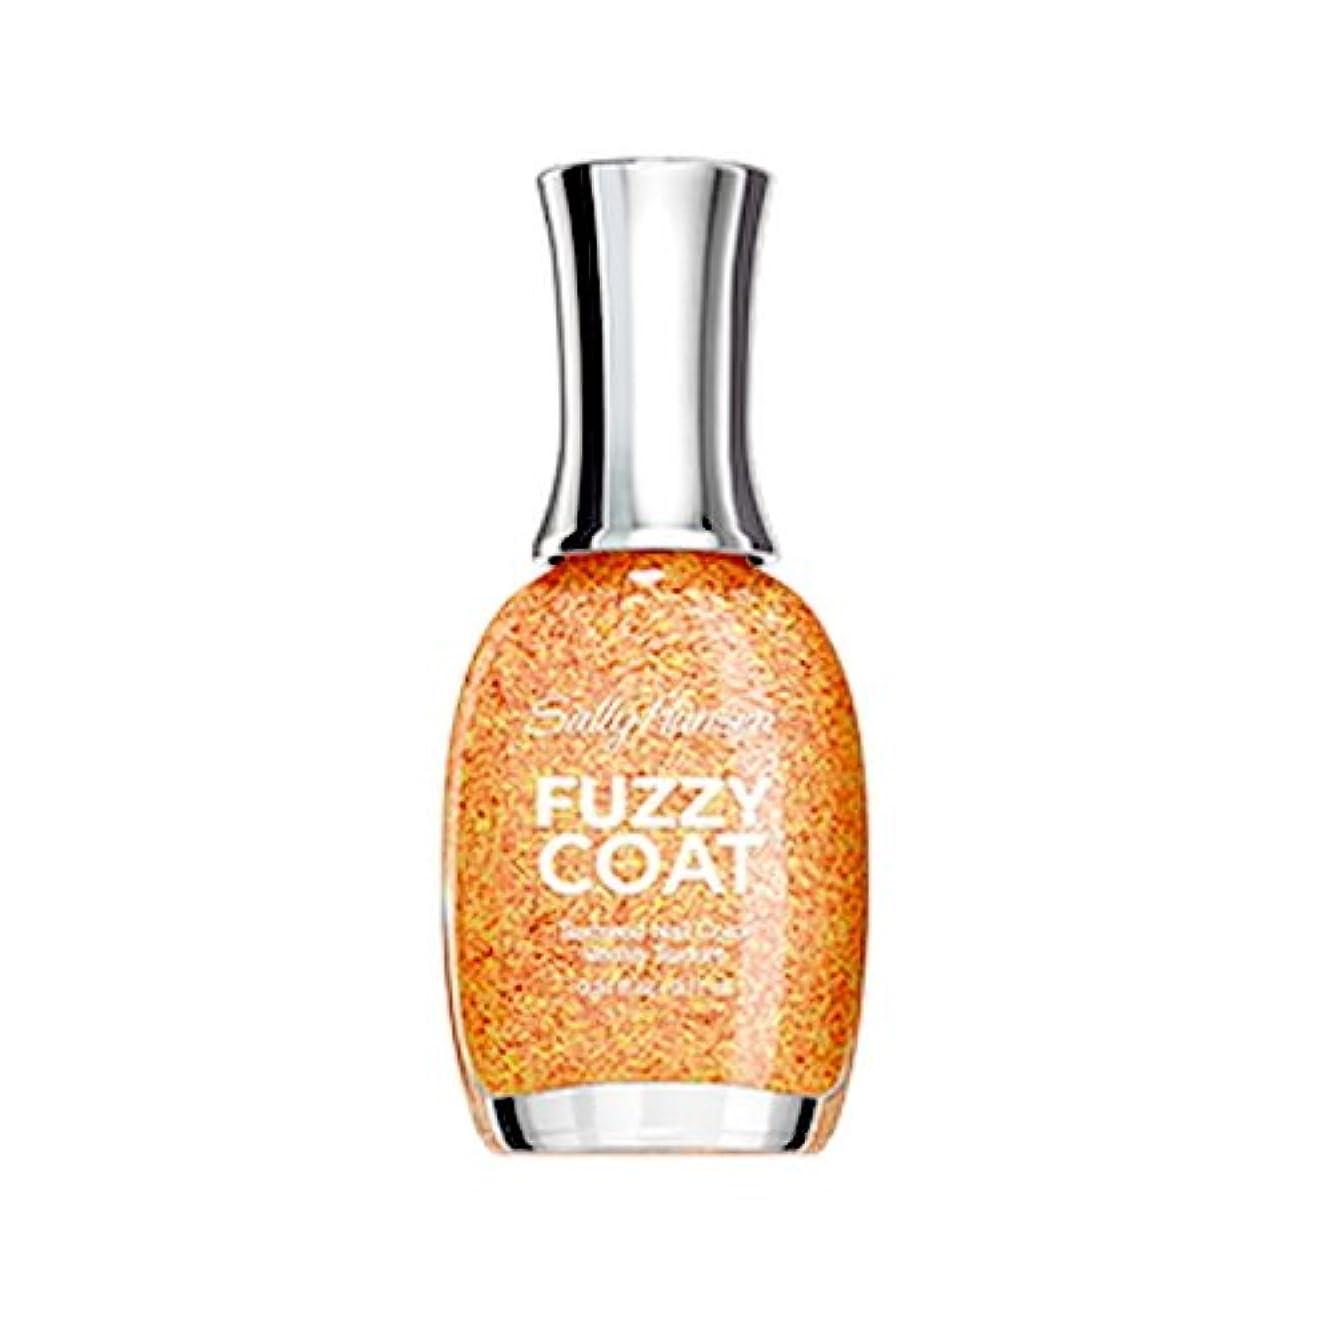 世紀栄養に渡って(6 Pack) SALLY HANSEN Fuzzy Coat Special Effect Textured Nail Color - Peach Fuzz (並行輸入品)